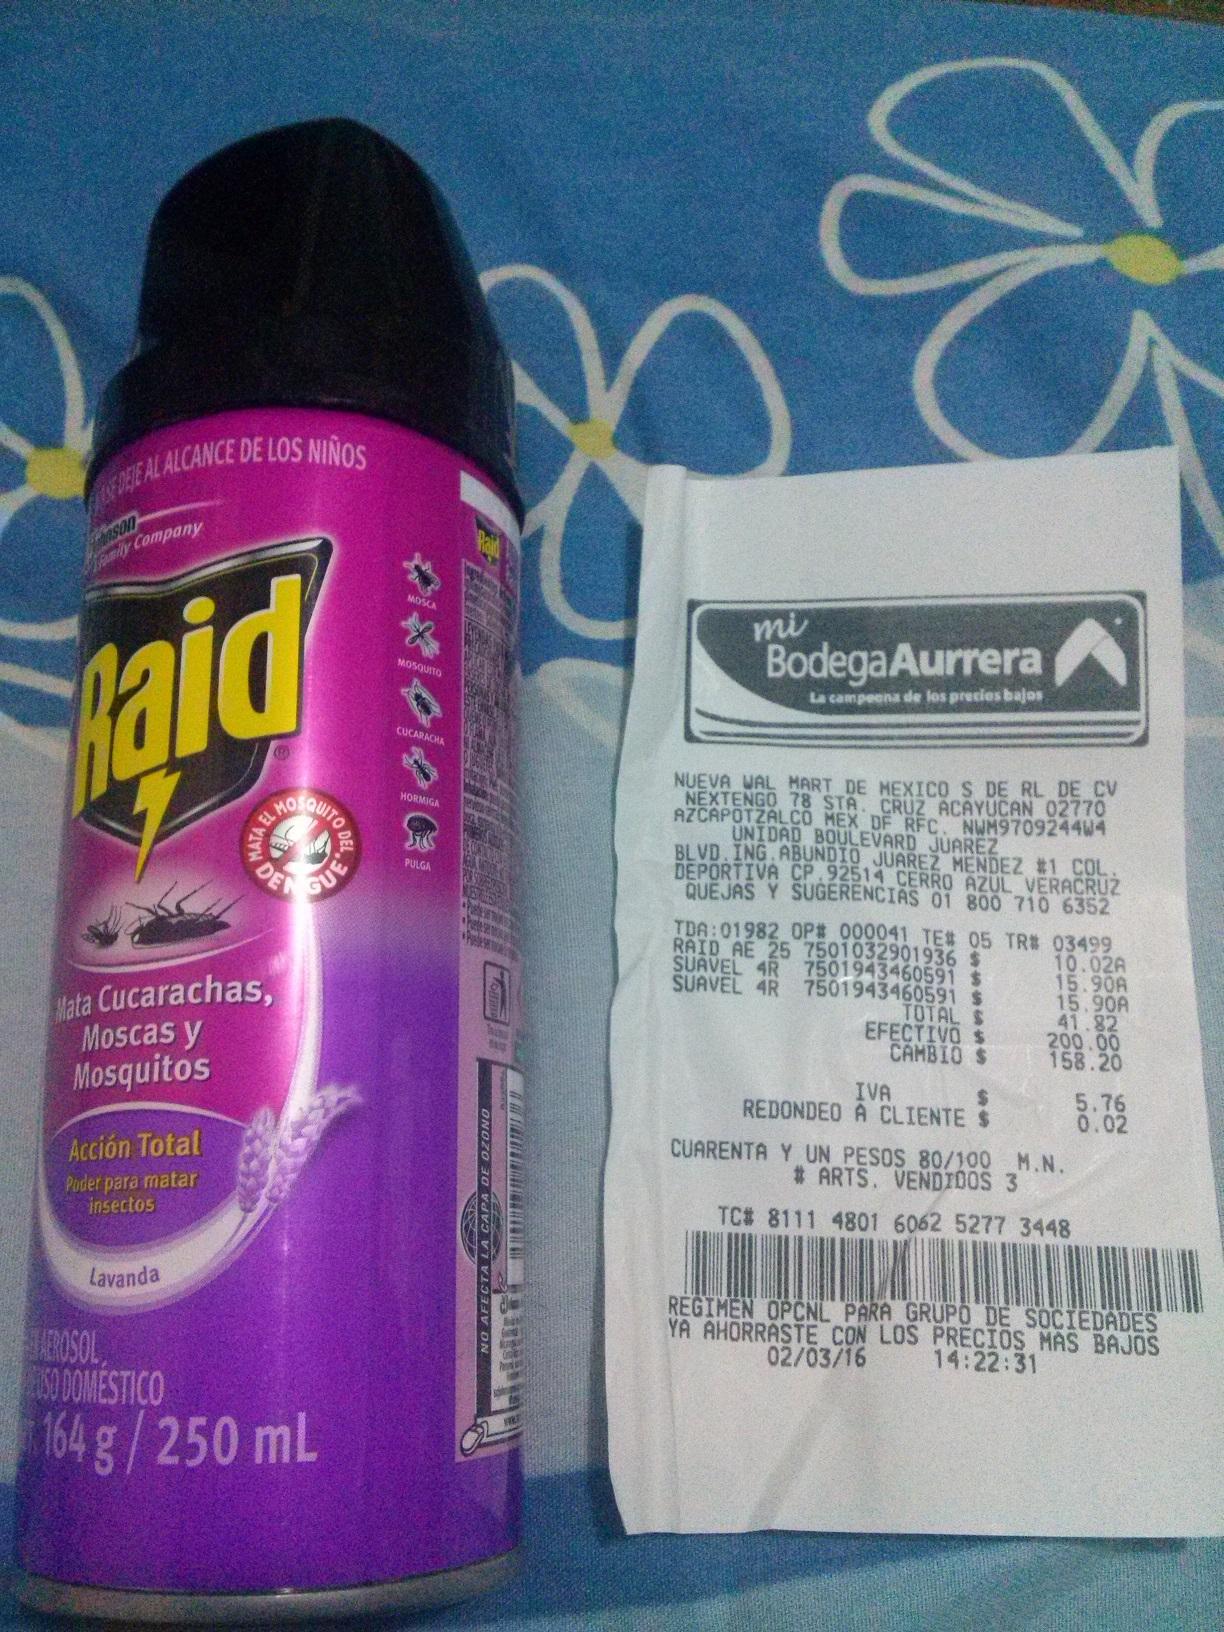 Bodega Aurrerá: Insecticida en aerosol Raid $10.02